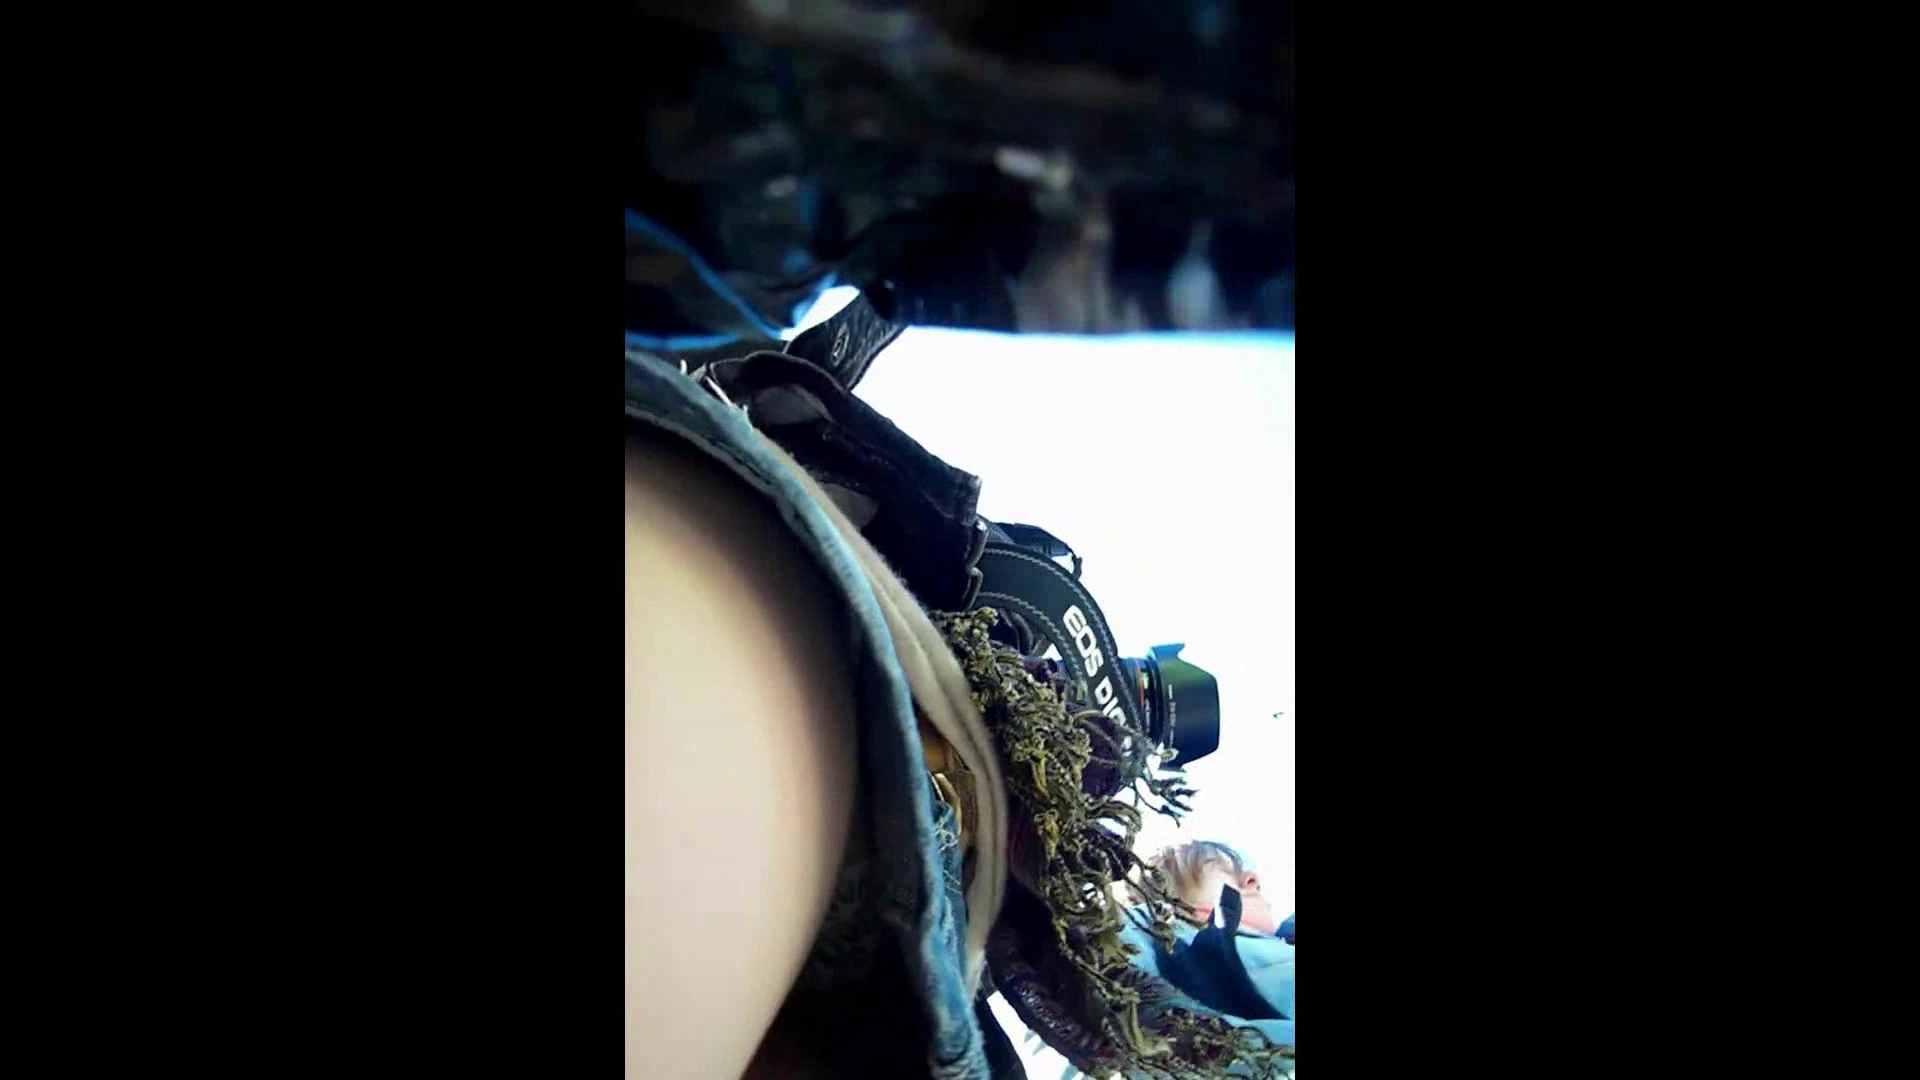 綺麗なモデルさんのスカート捲っちゃおう‼vol03 お姉さんのエロ動画 | 0  101PIX 3